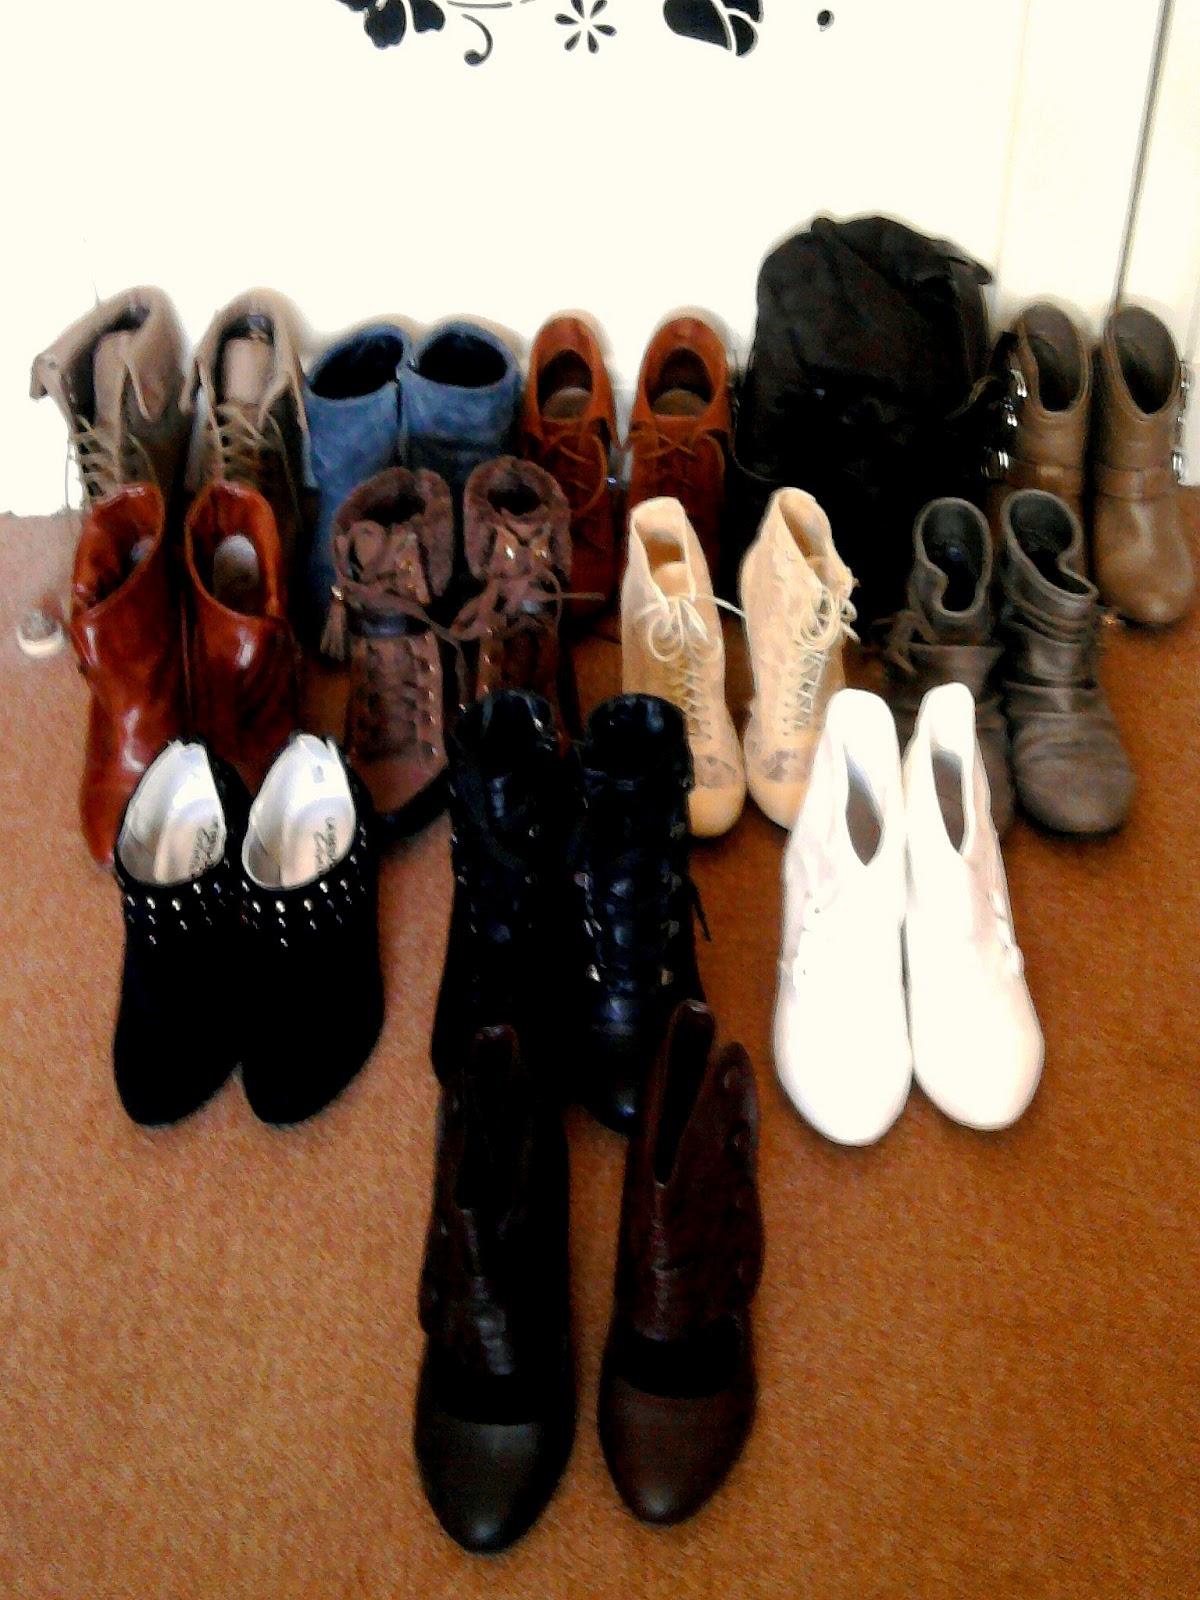 outlet store a6852 2c456 Chaussures L histoire Étalage Mode La De Pourris Photos cqpg66